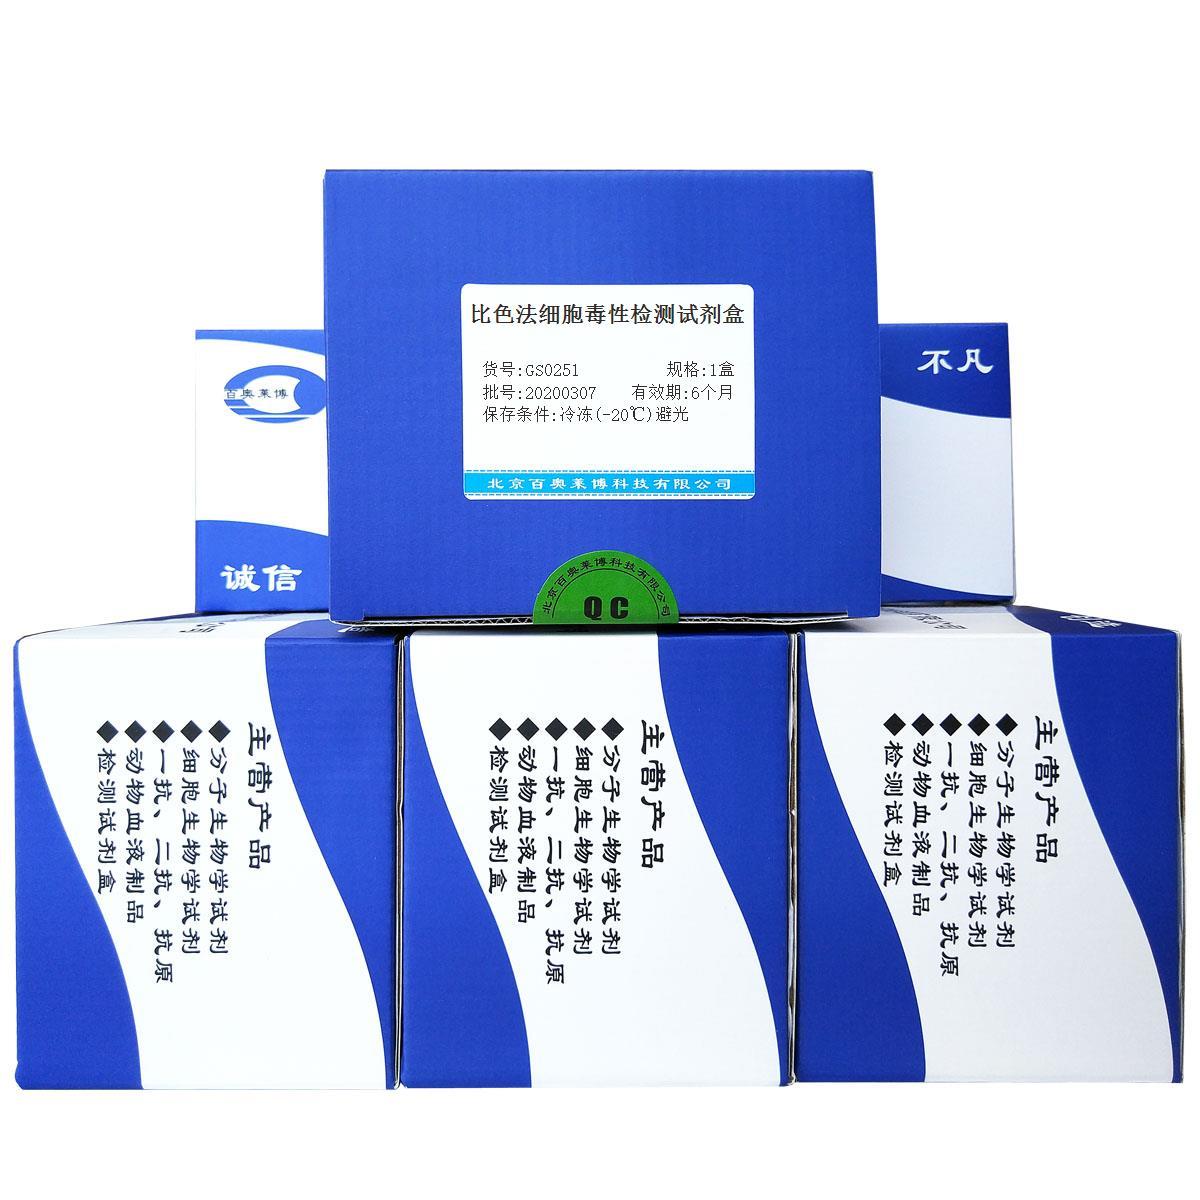 比色法细胞毒性检测试剂盒北京厂家